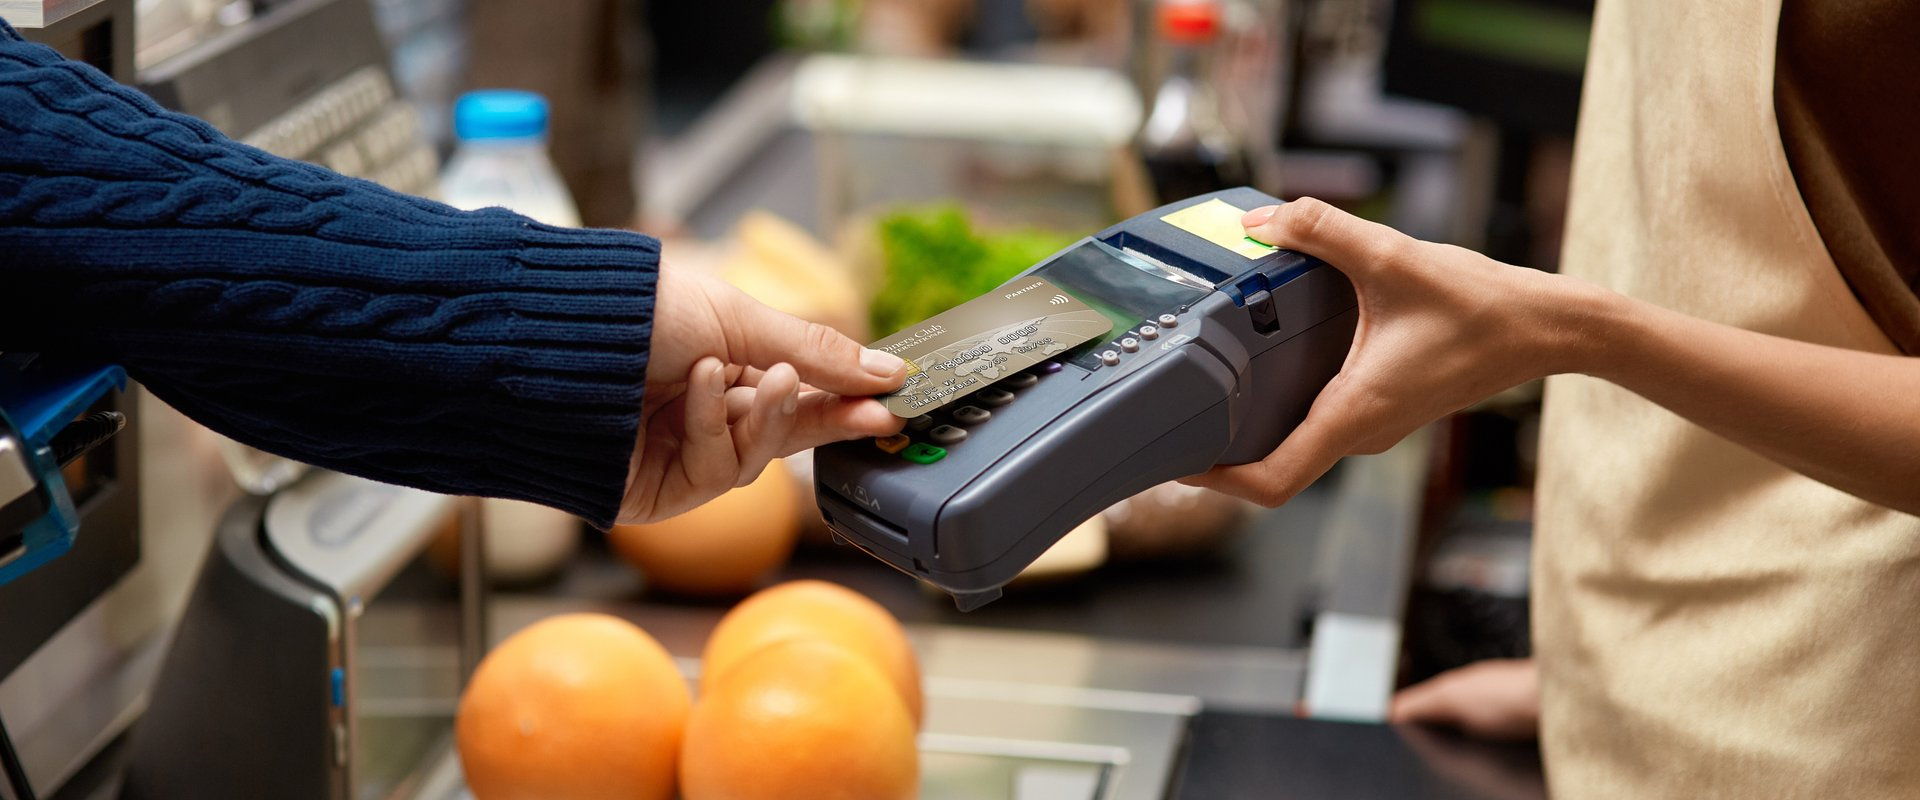 Diners Club Polska wprowadza bezpłatną kartę kredytową z atrakcyjnym oprocentowaniem - 5,76 proc. w skali roku